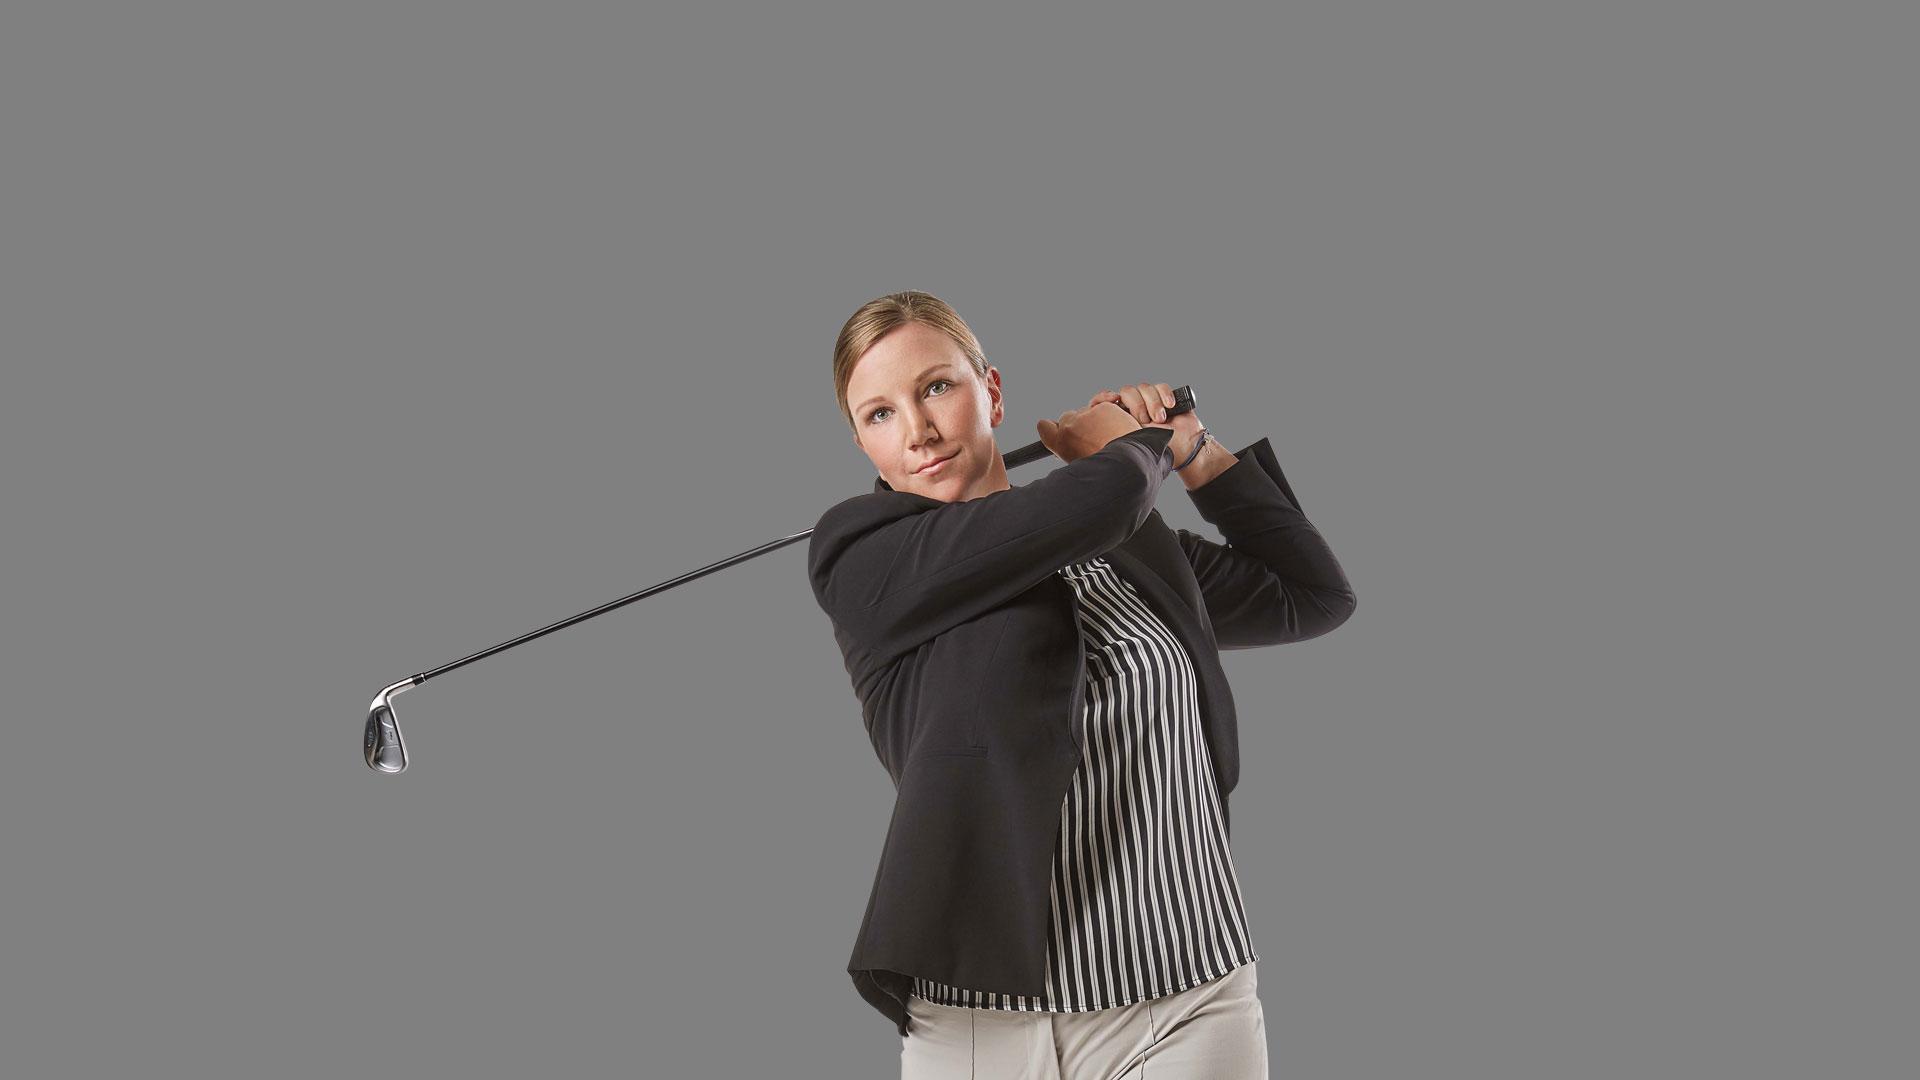 Mitarbeiterin Christiane macht einen Golfschwung